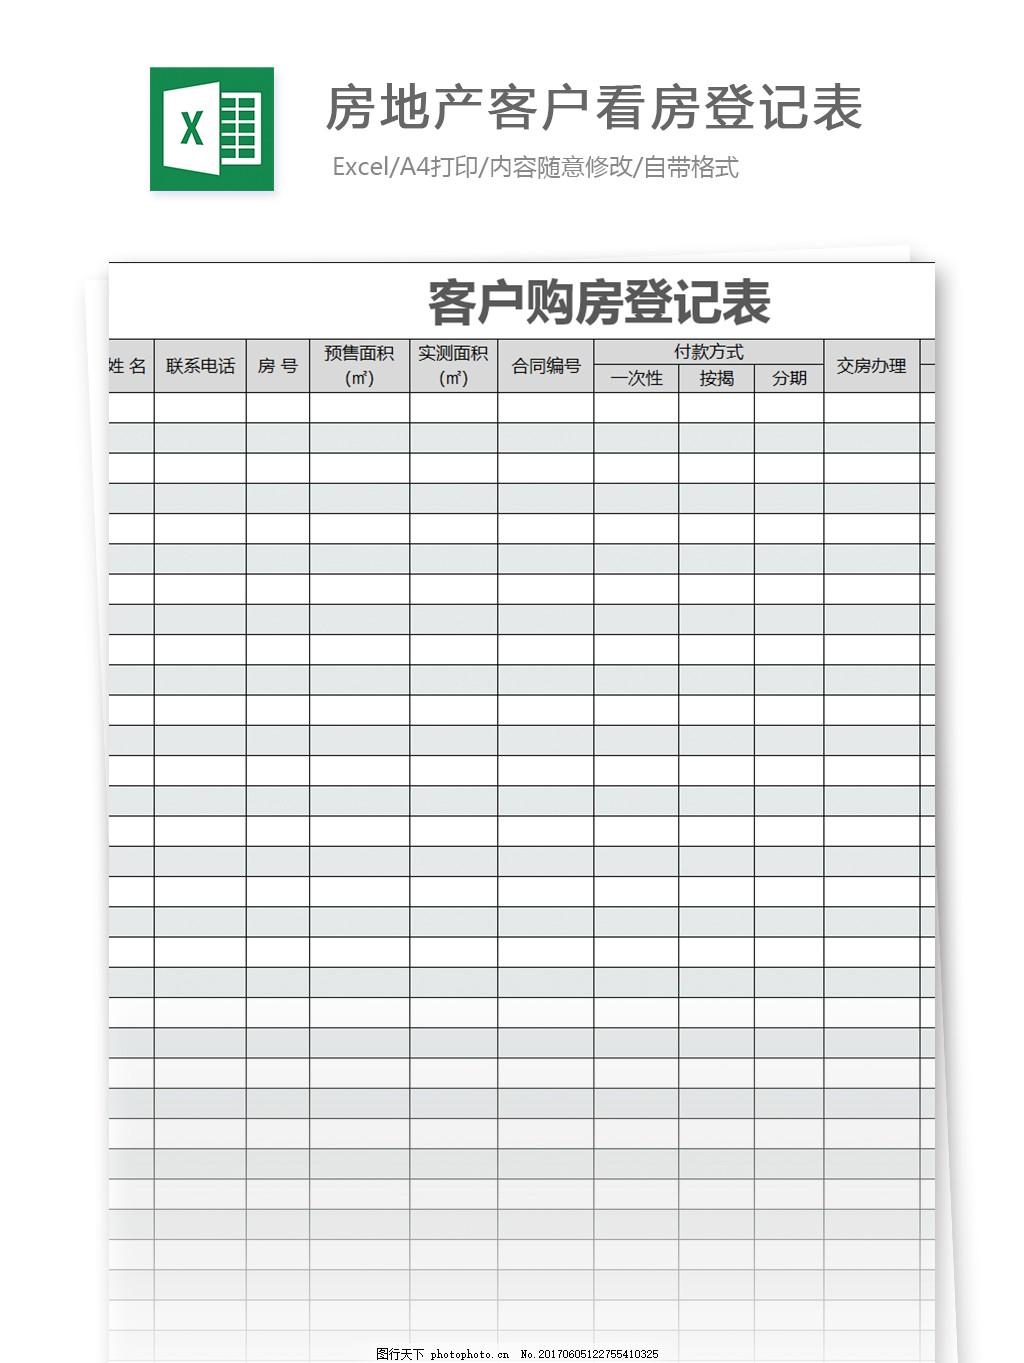 公司员工培训计划表_房地产客户看房登记表excel模板图片_人力资源_Excel模板-图行天下 ...